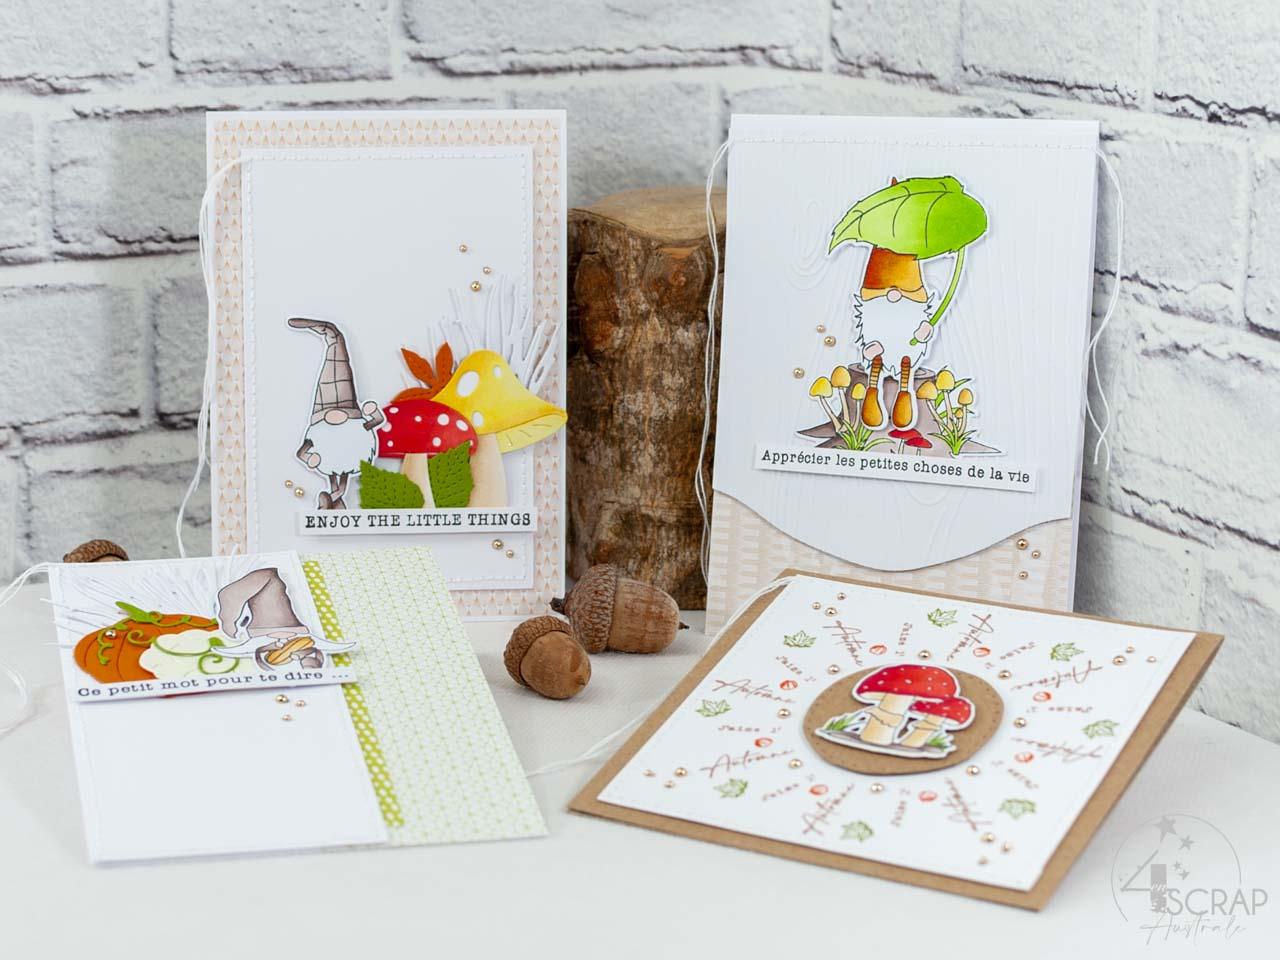 Création de cartes d'automne avec les produits de la collection automne 2021 de 4enscrap, de jolis champignons et d'adorables lutins de bois.